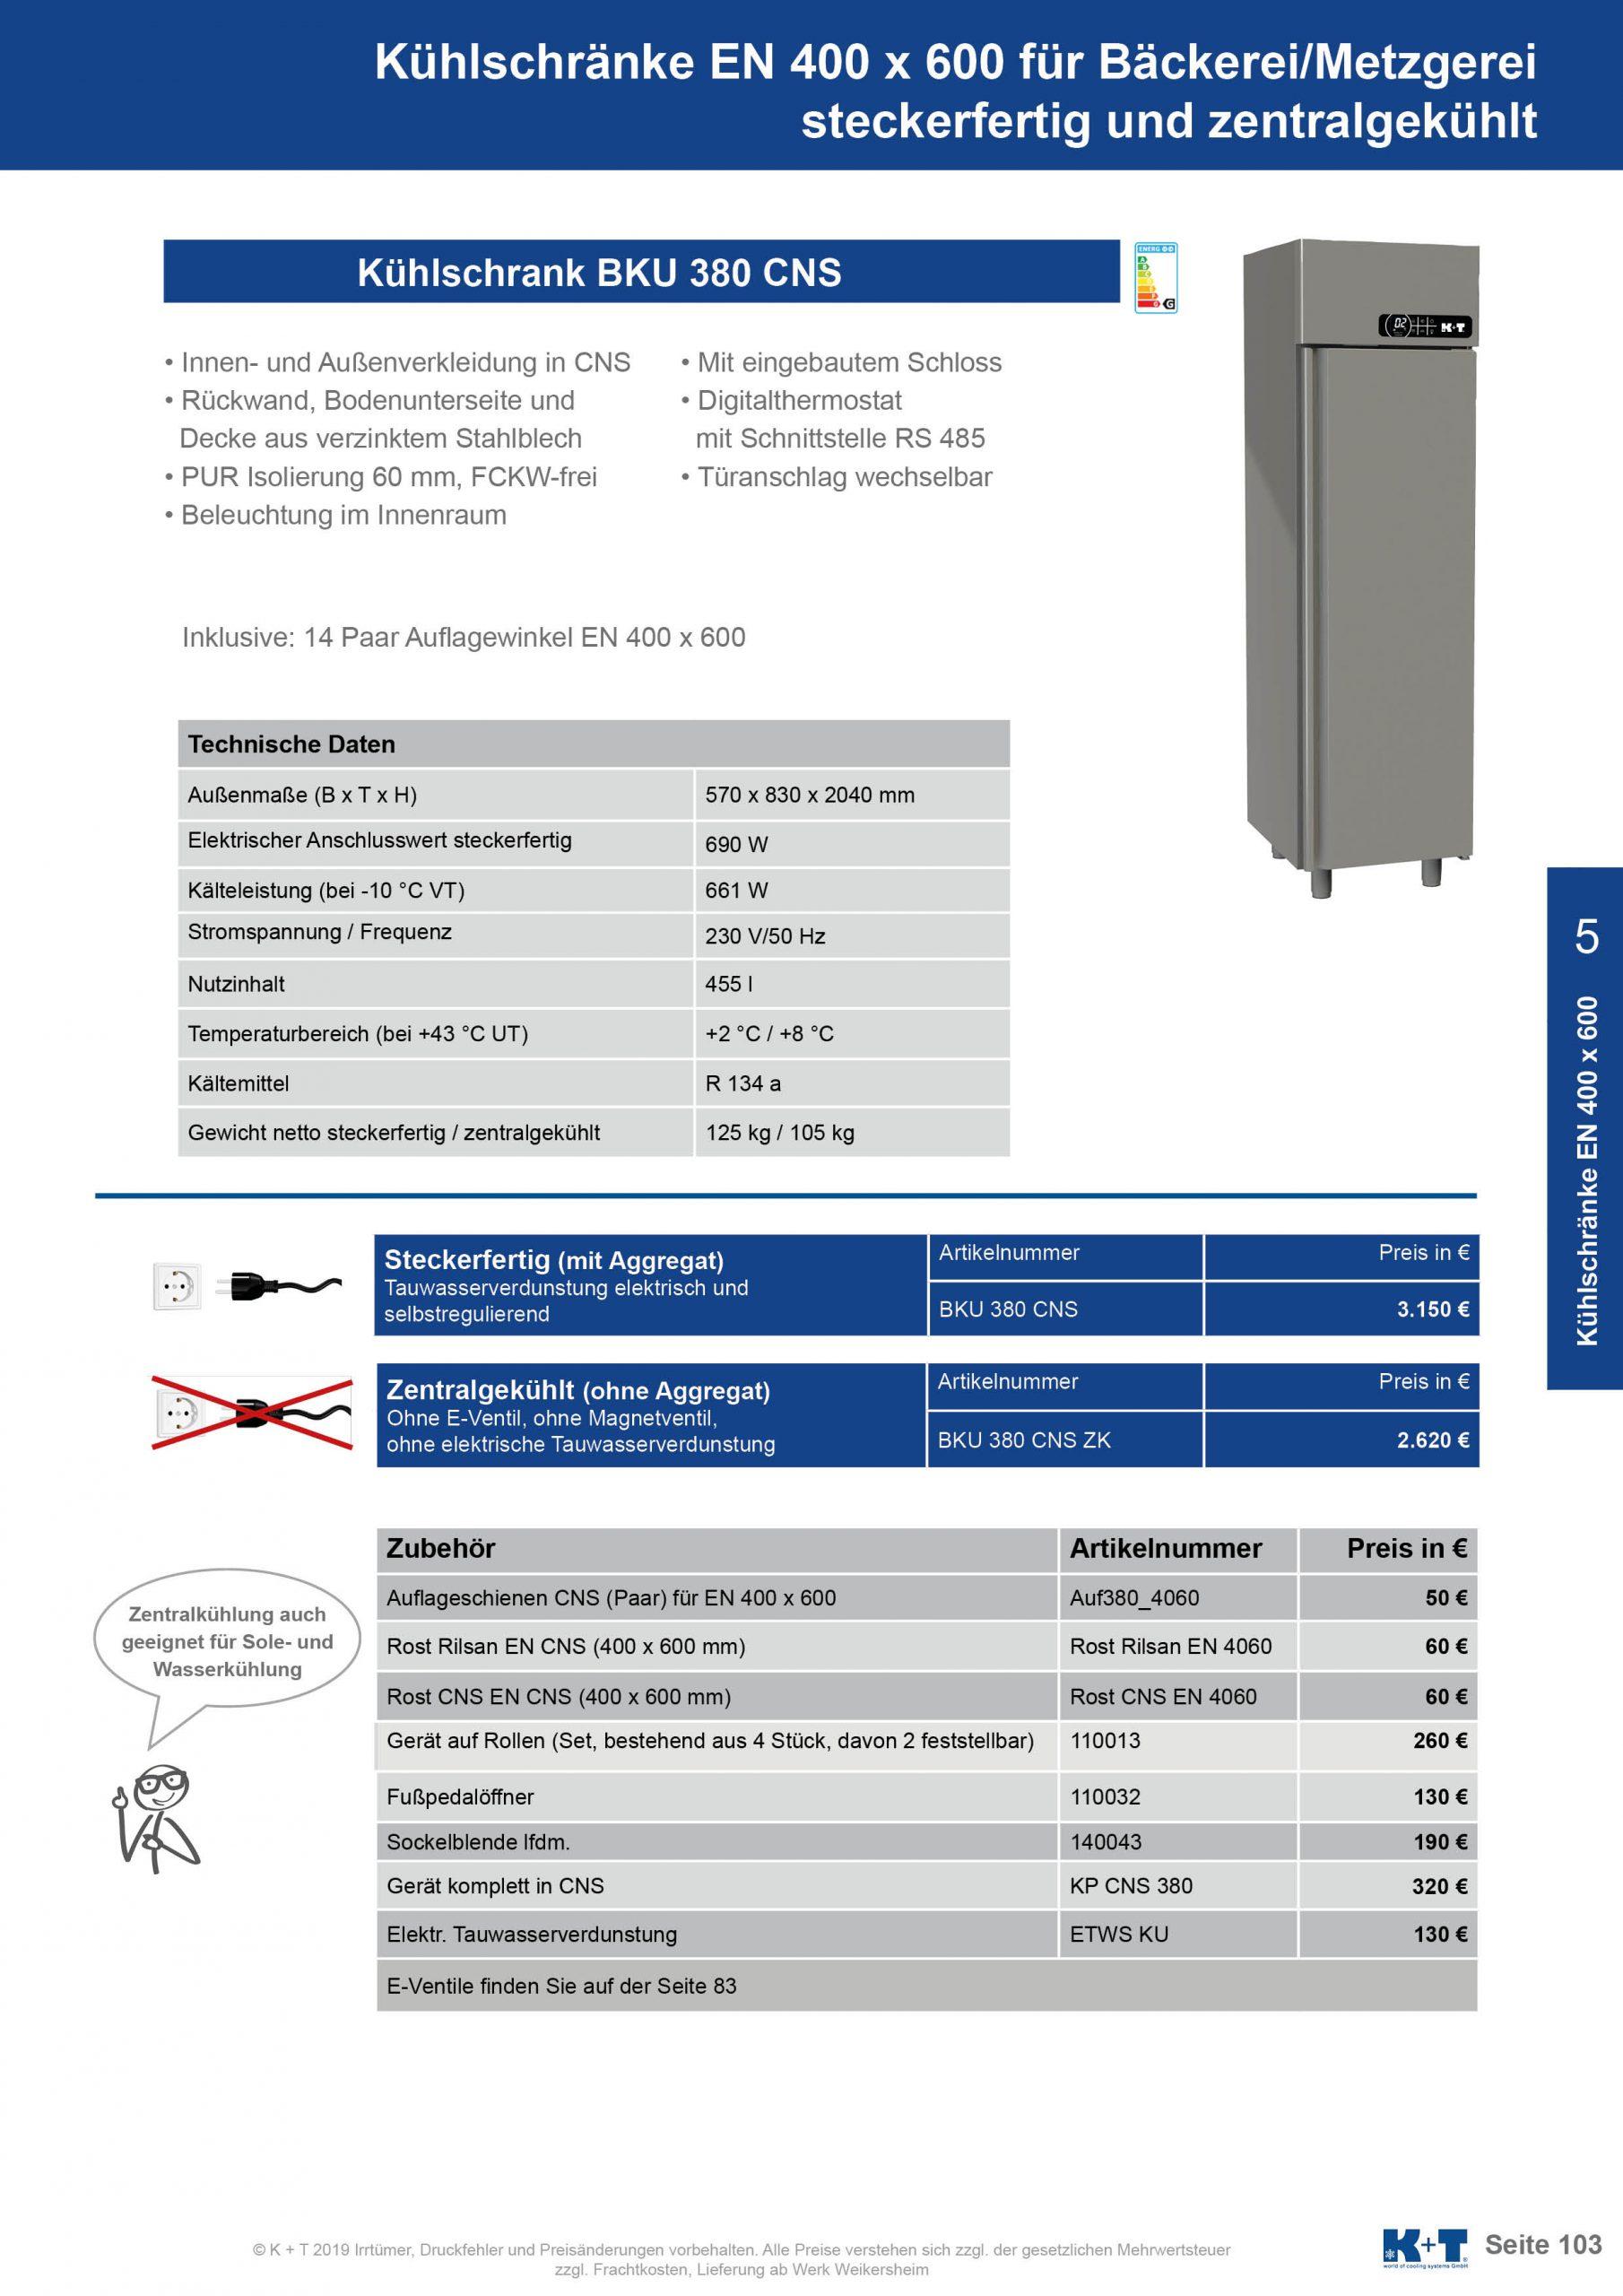 Kühlschränke Euronorm 400 x 600 Kühlschrank steckerfertig